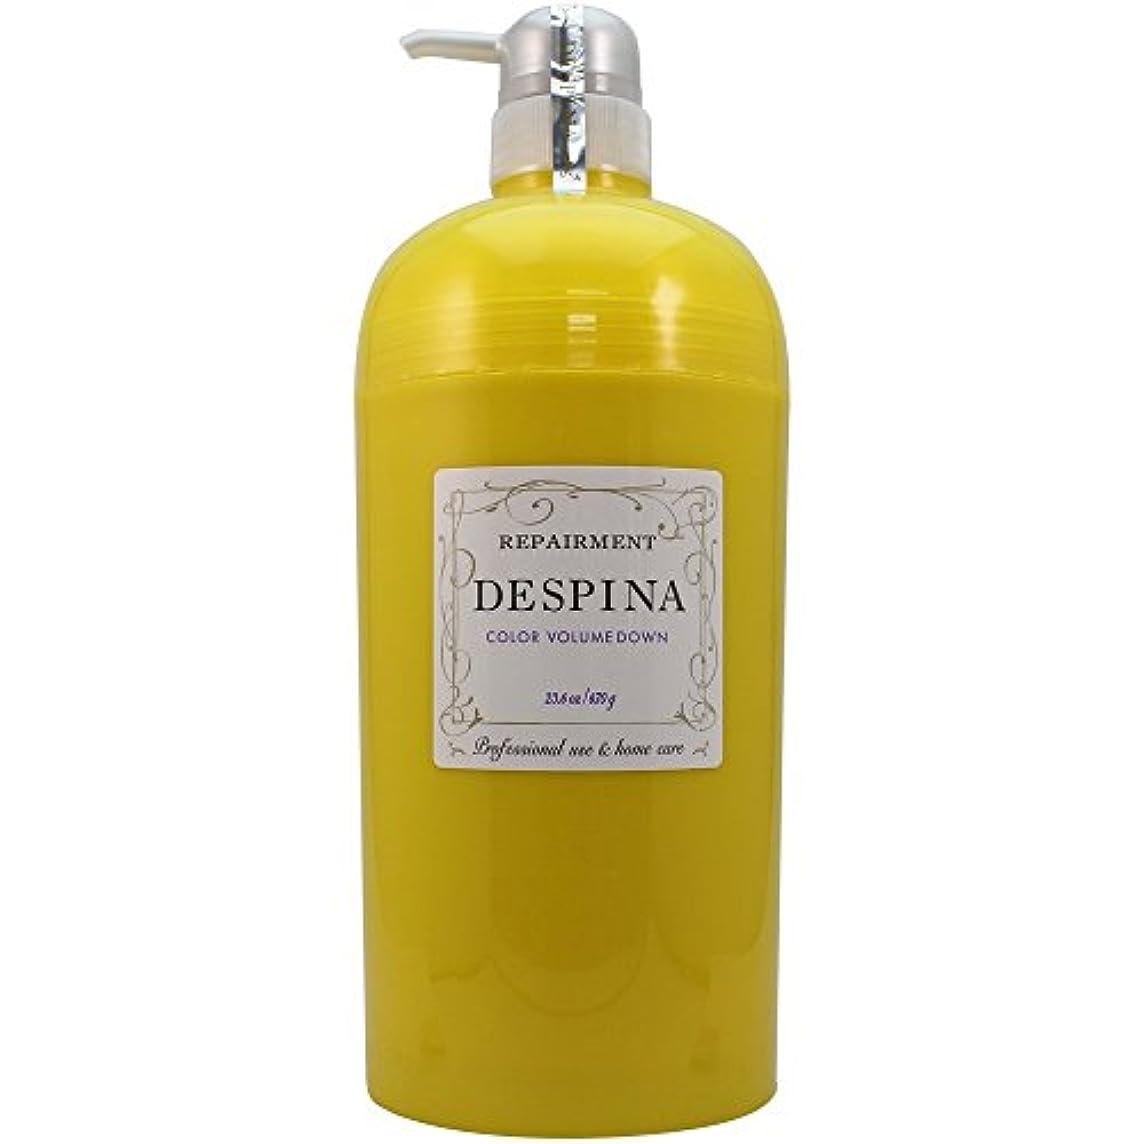 受動的ほのめかすイソギンチャク中野製薬 デスピナ リペアメント カラー ボリュームダウン 670g